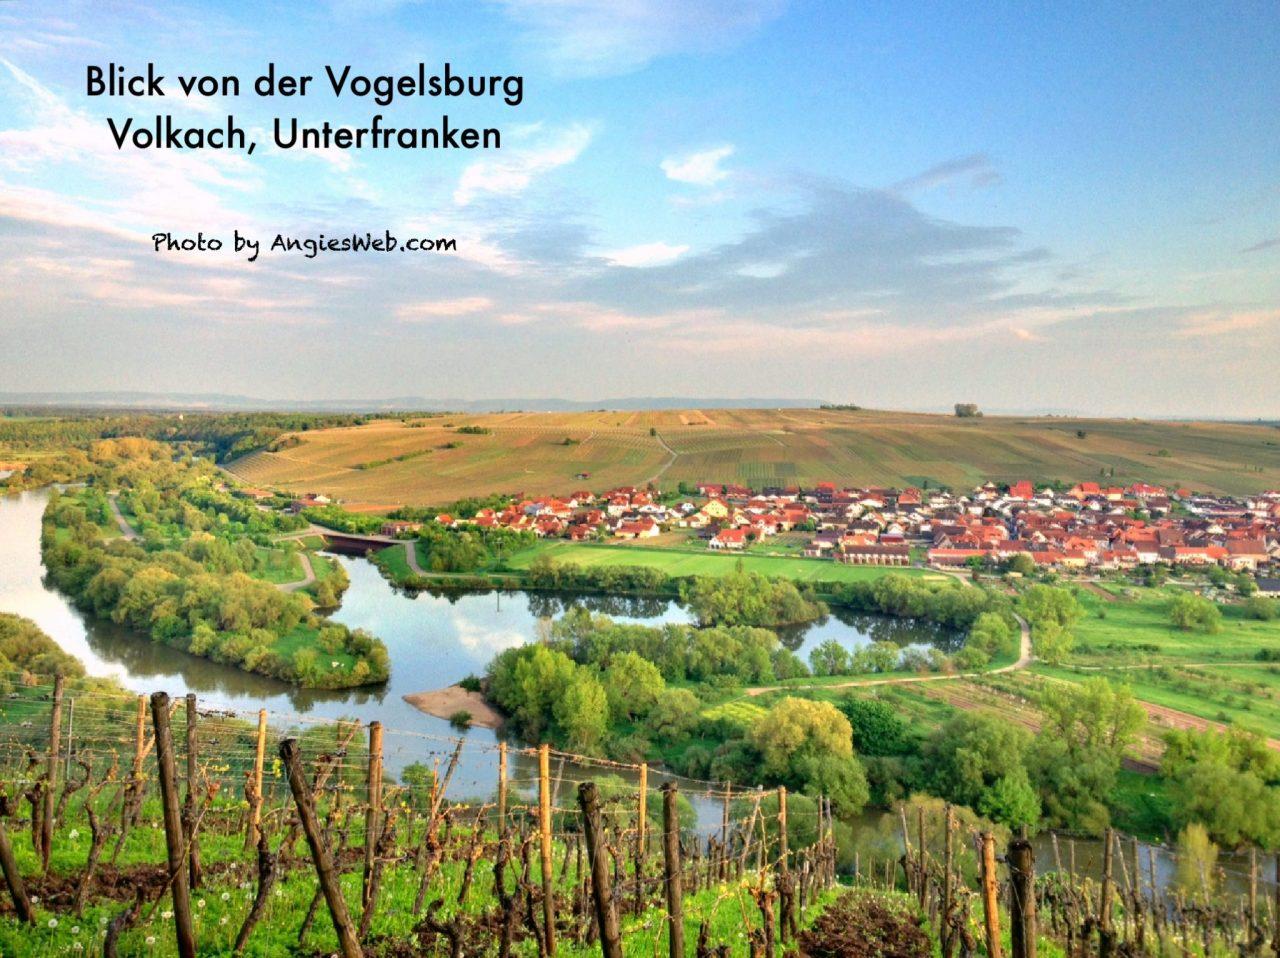 Vogelsburg, Volkach